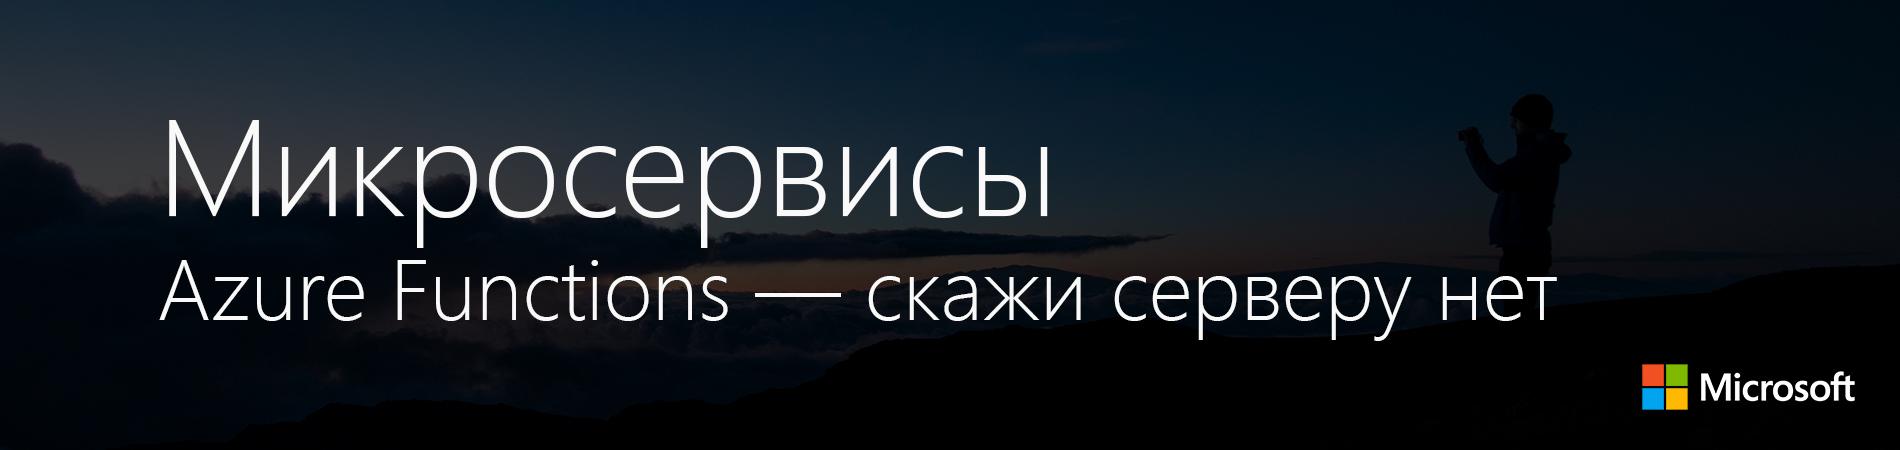 Микросервисы: Azure Functions — скажи серверу нет